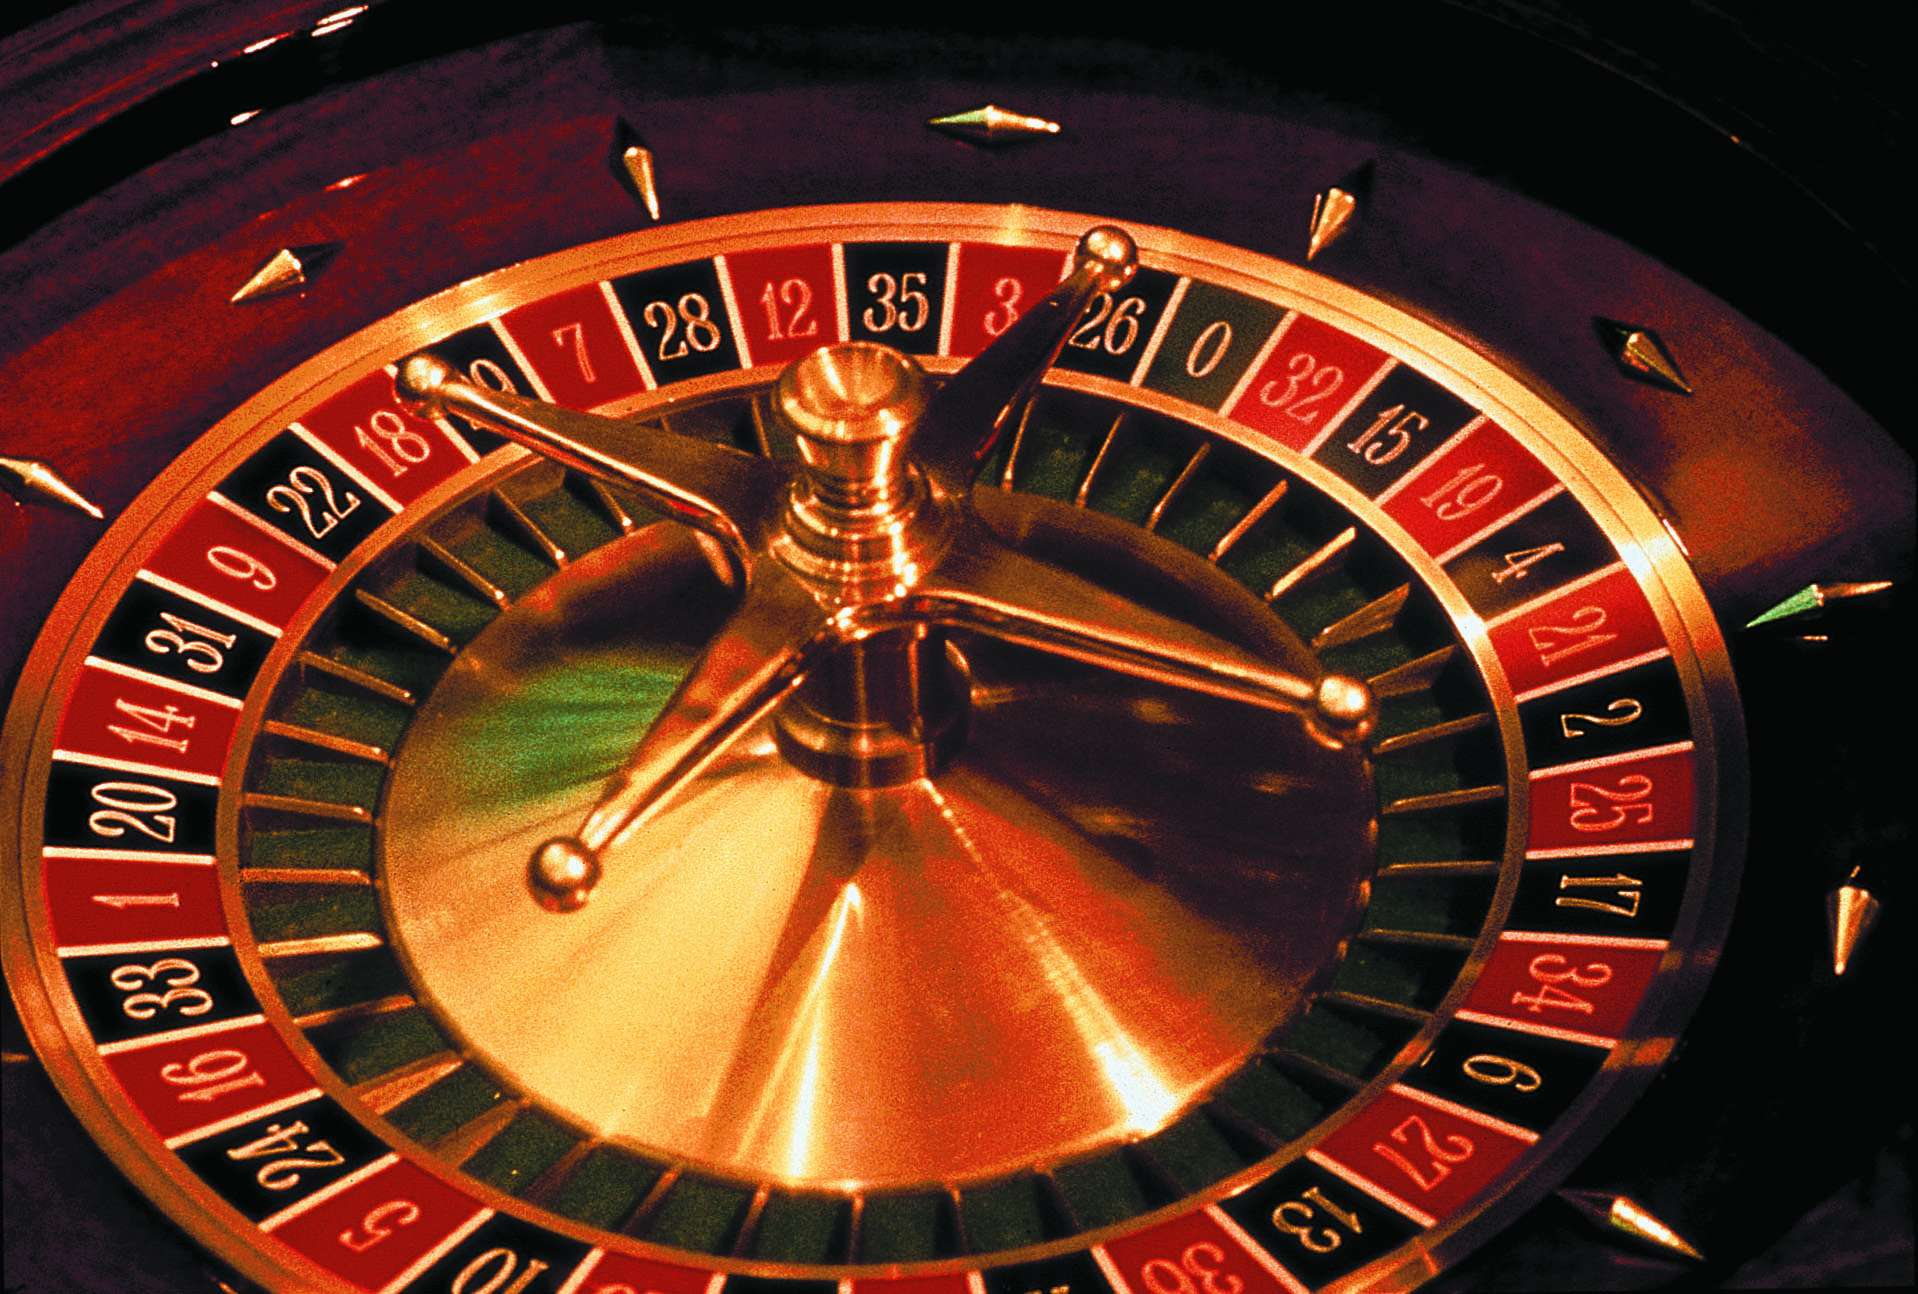 Guide de jeux casinopour les débutants